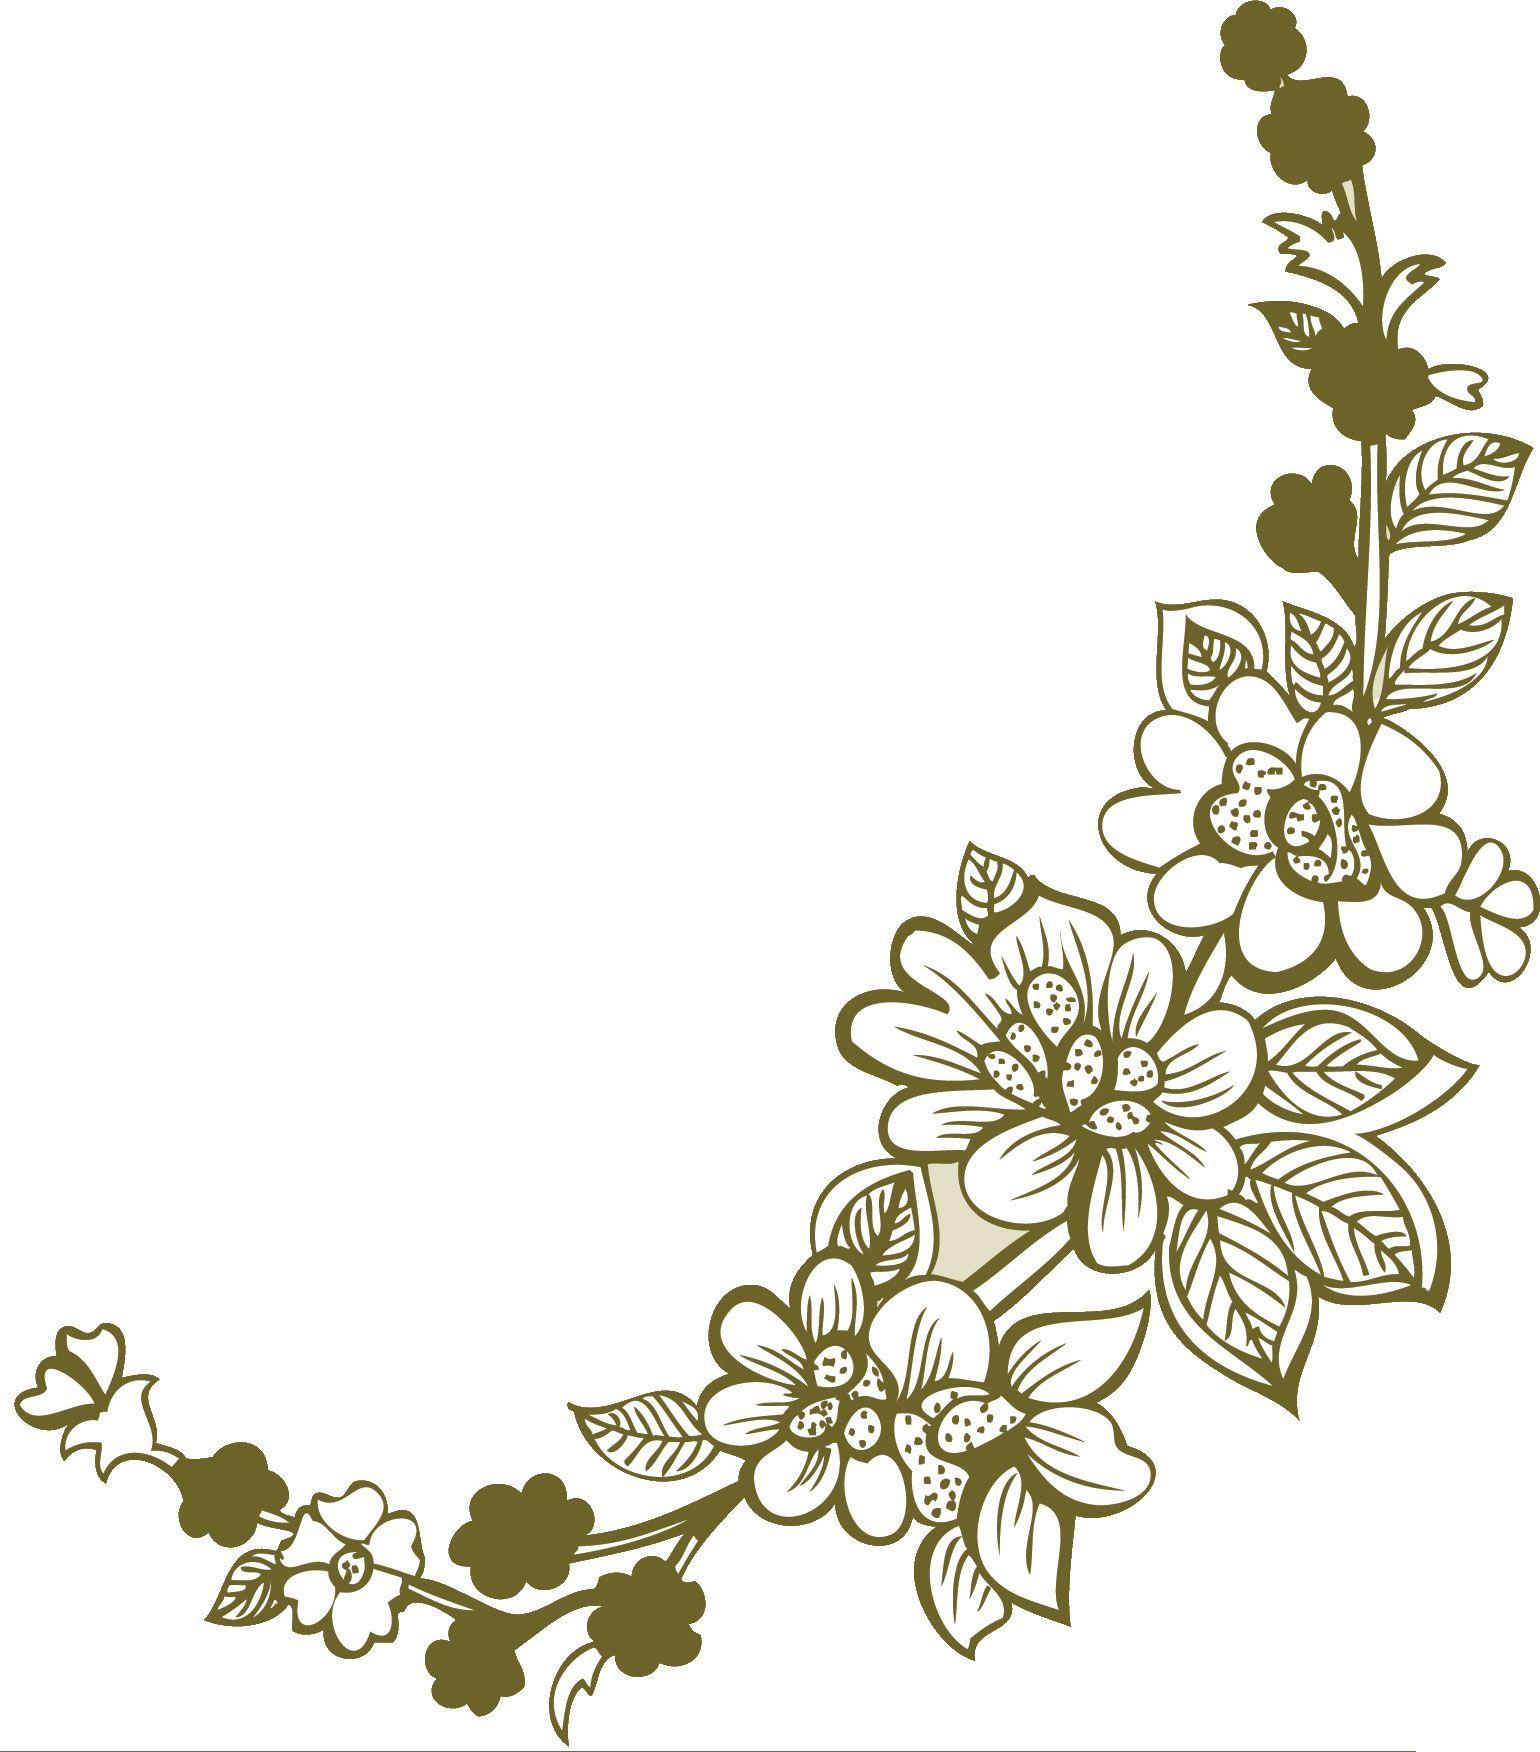 切り絵 イラスト 無料 花 桜 切り絵 切り絵 花 イラスト 無料